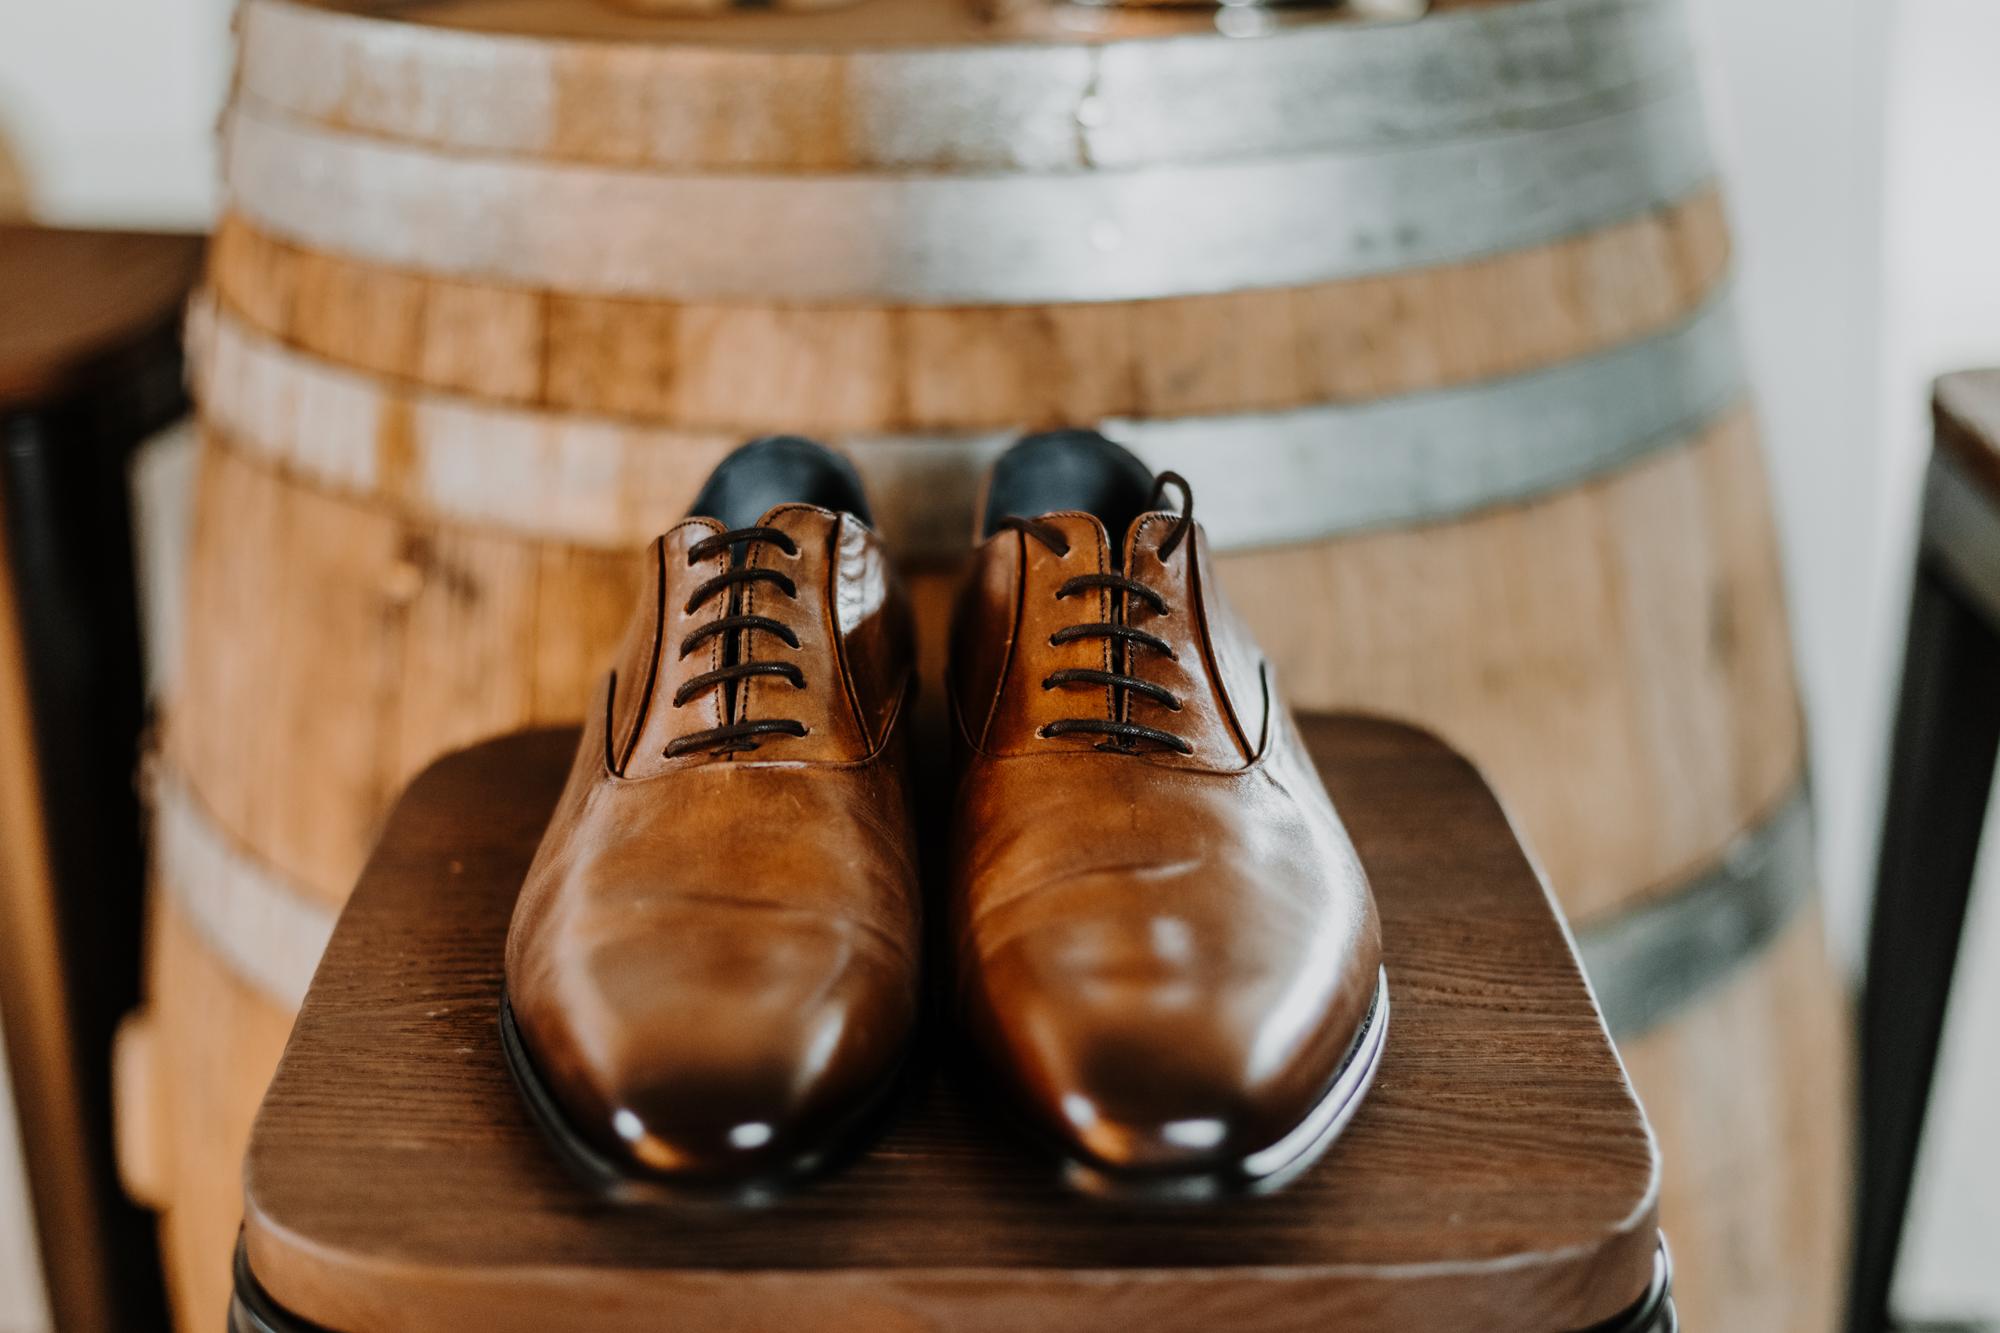 détail des chaussures du marié sur un tabouret, devant un tonneau